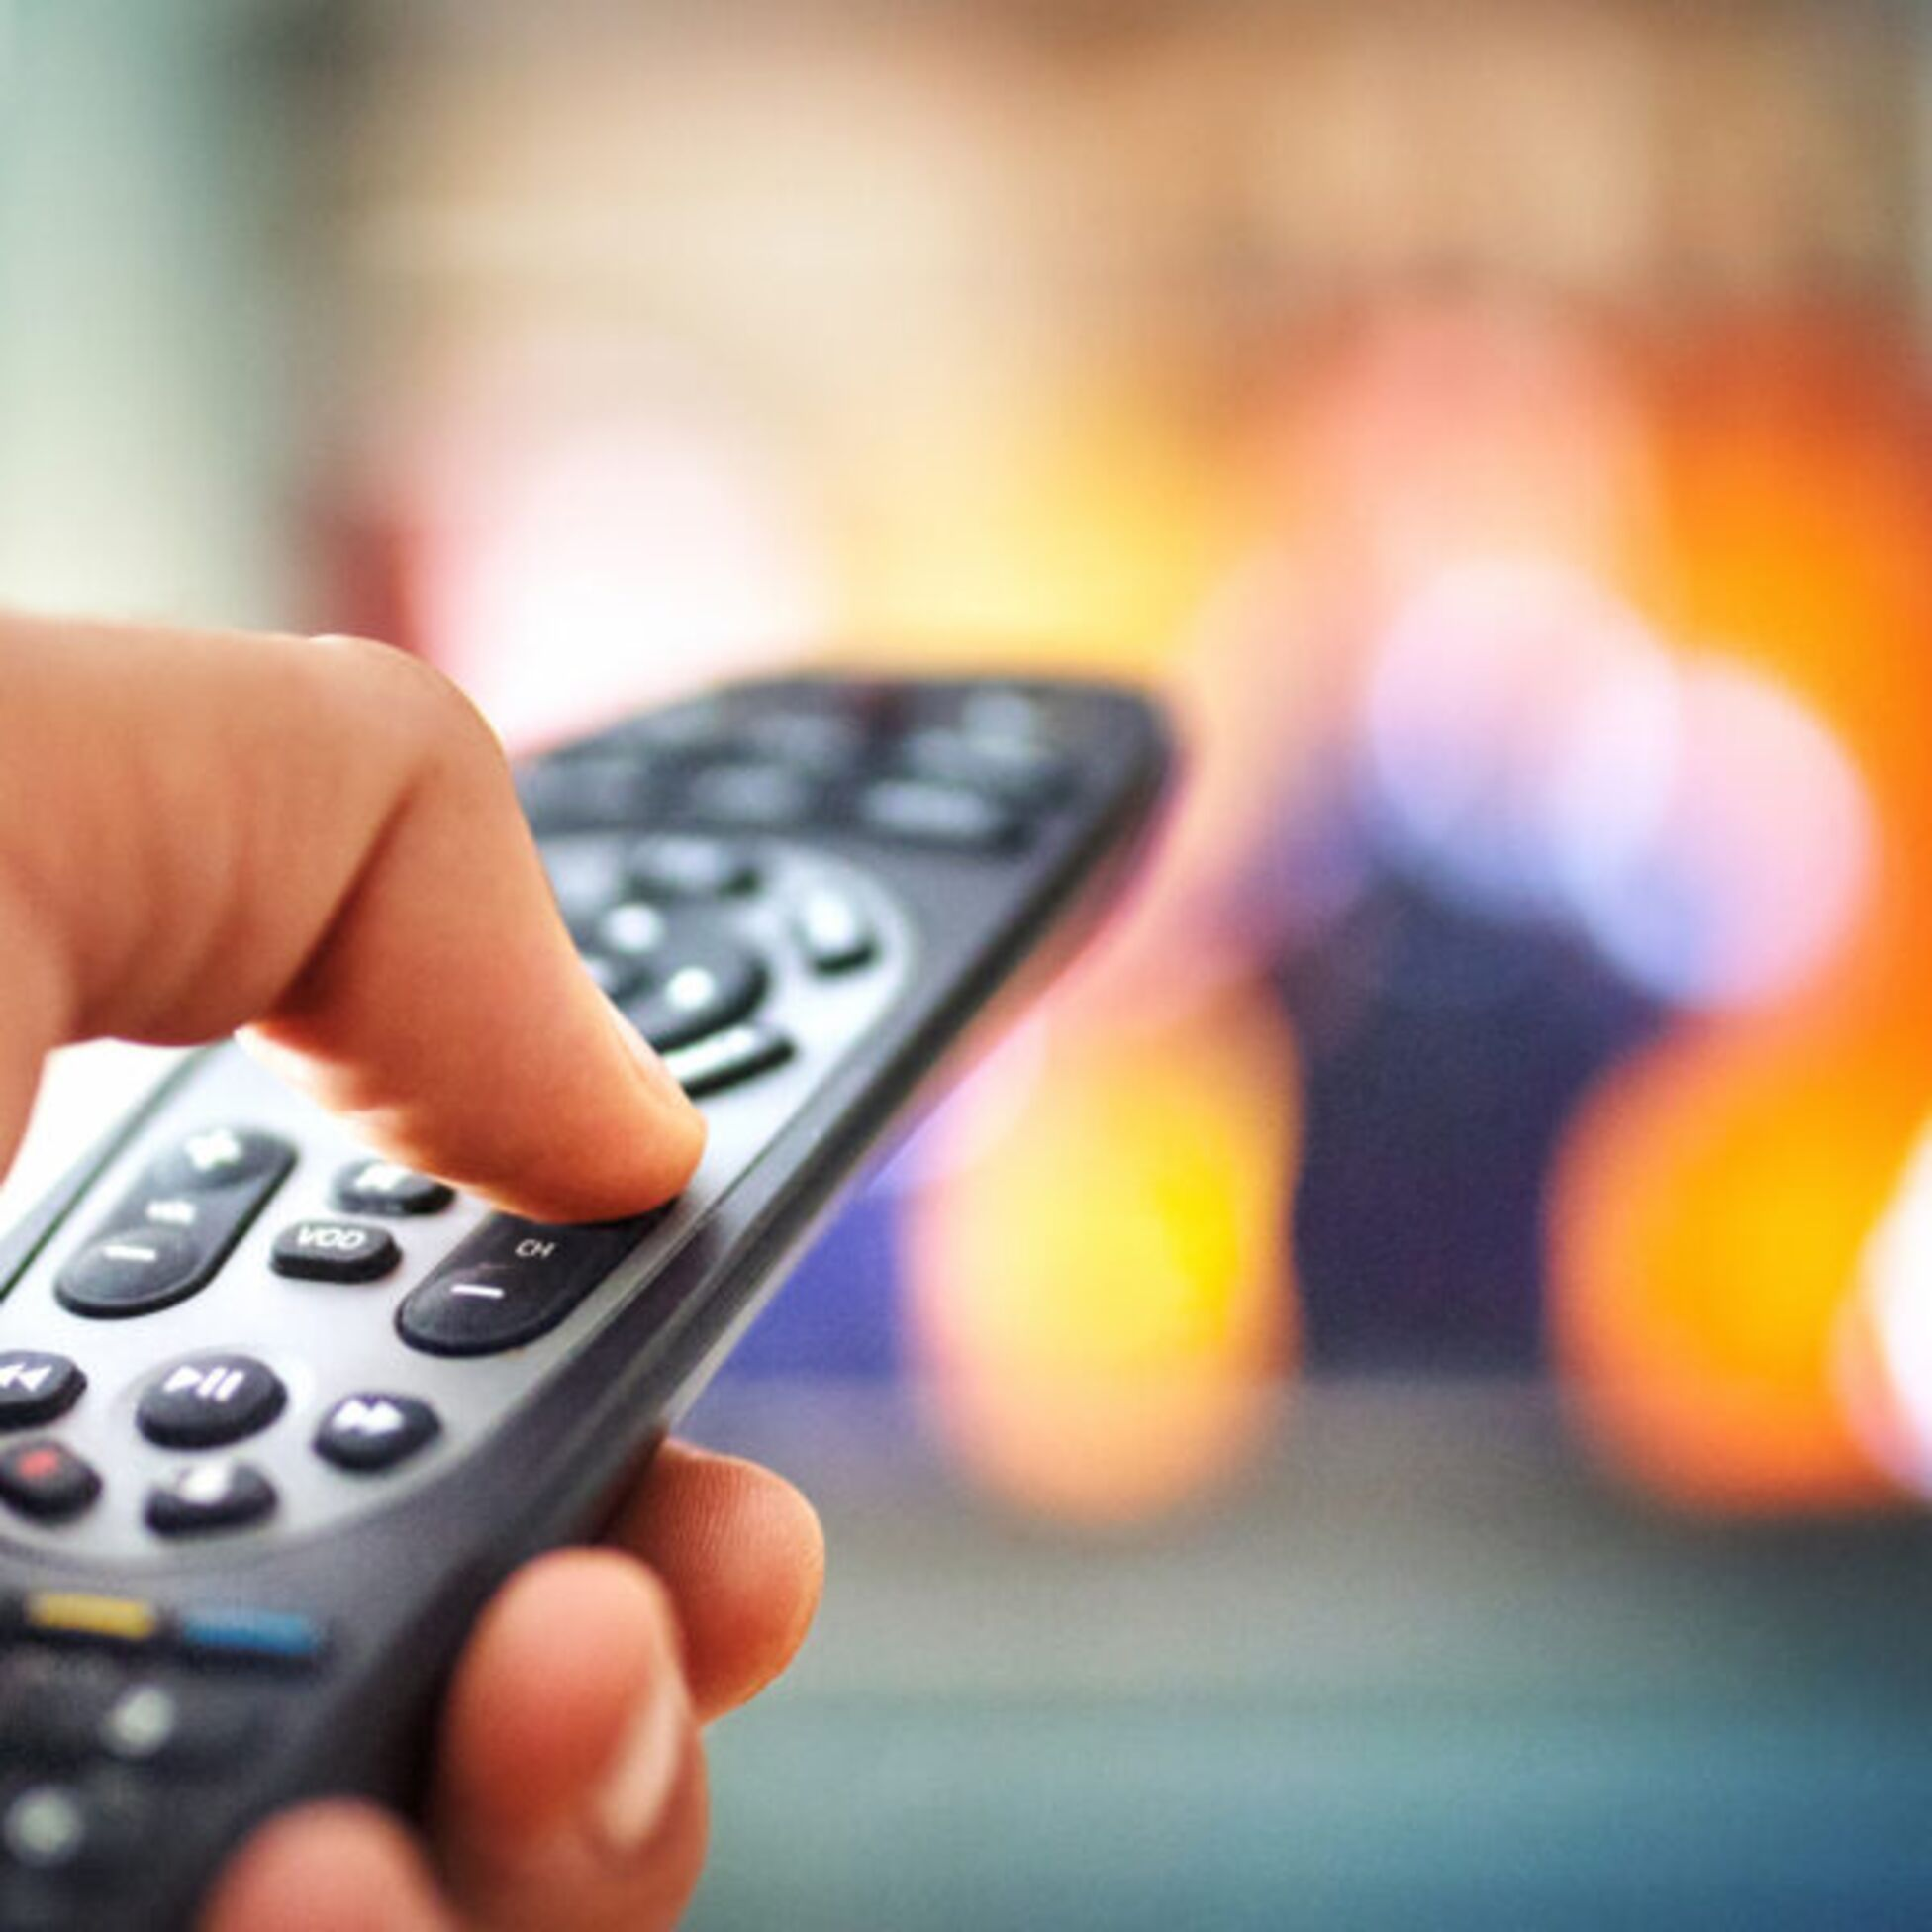 Mann schaltet Fernseher mit Fernbedienung aus